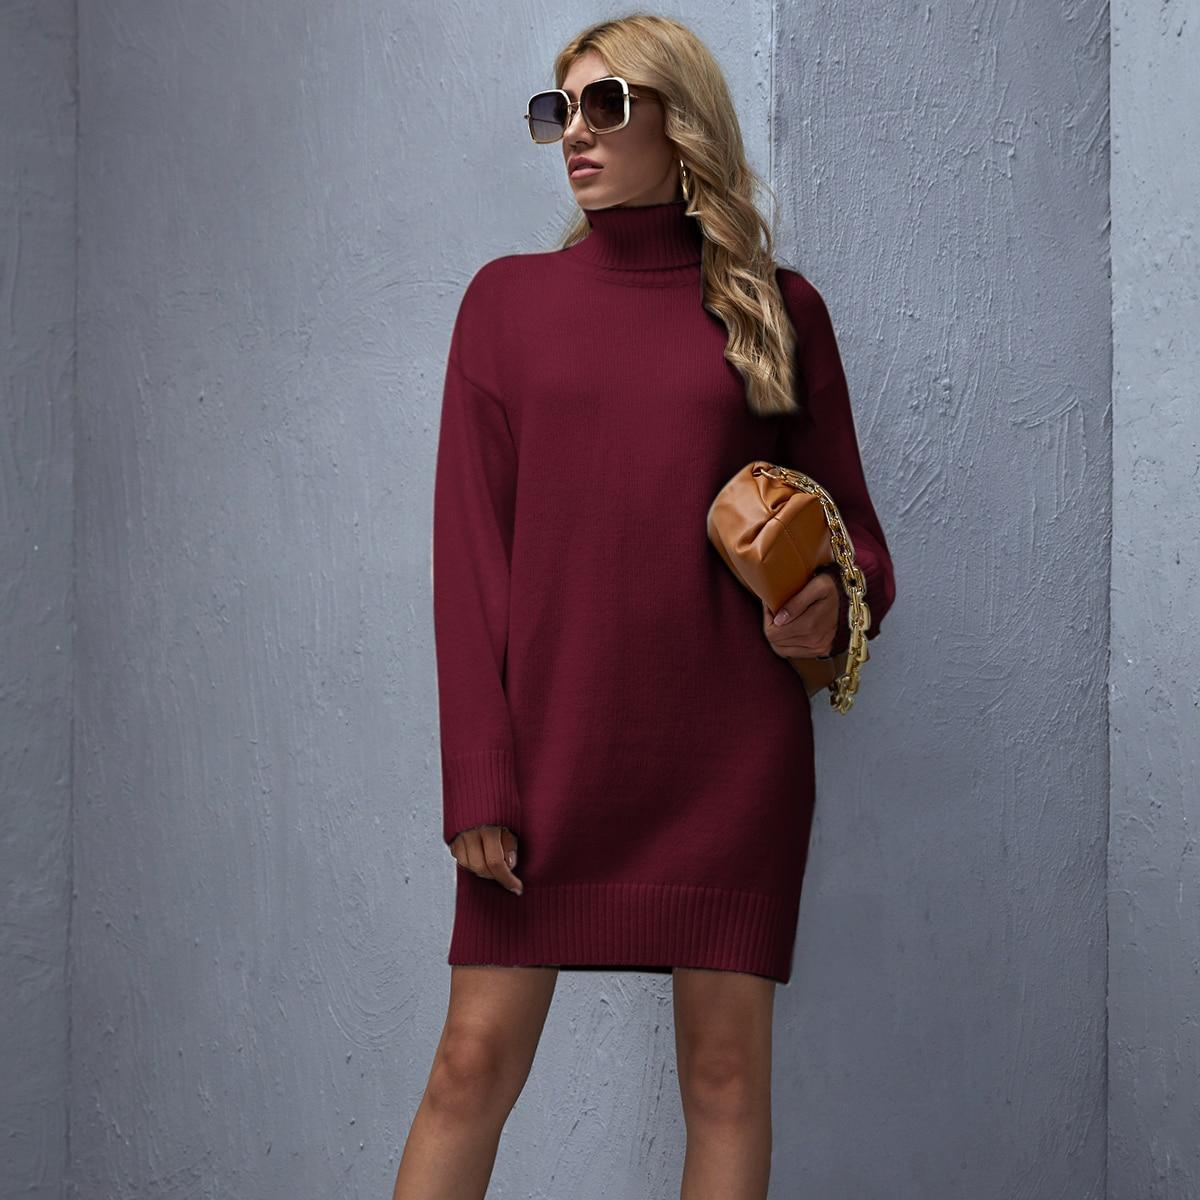 High Neck Drop Shoulder Solid Sweater Dress